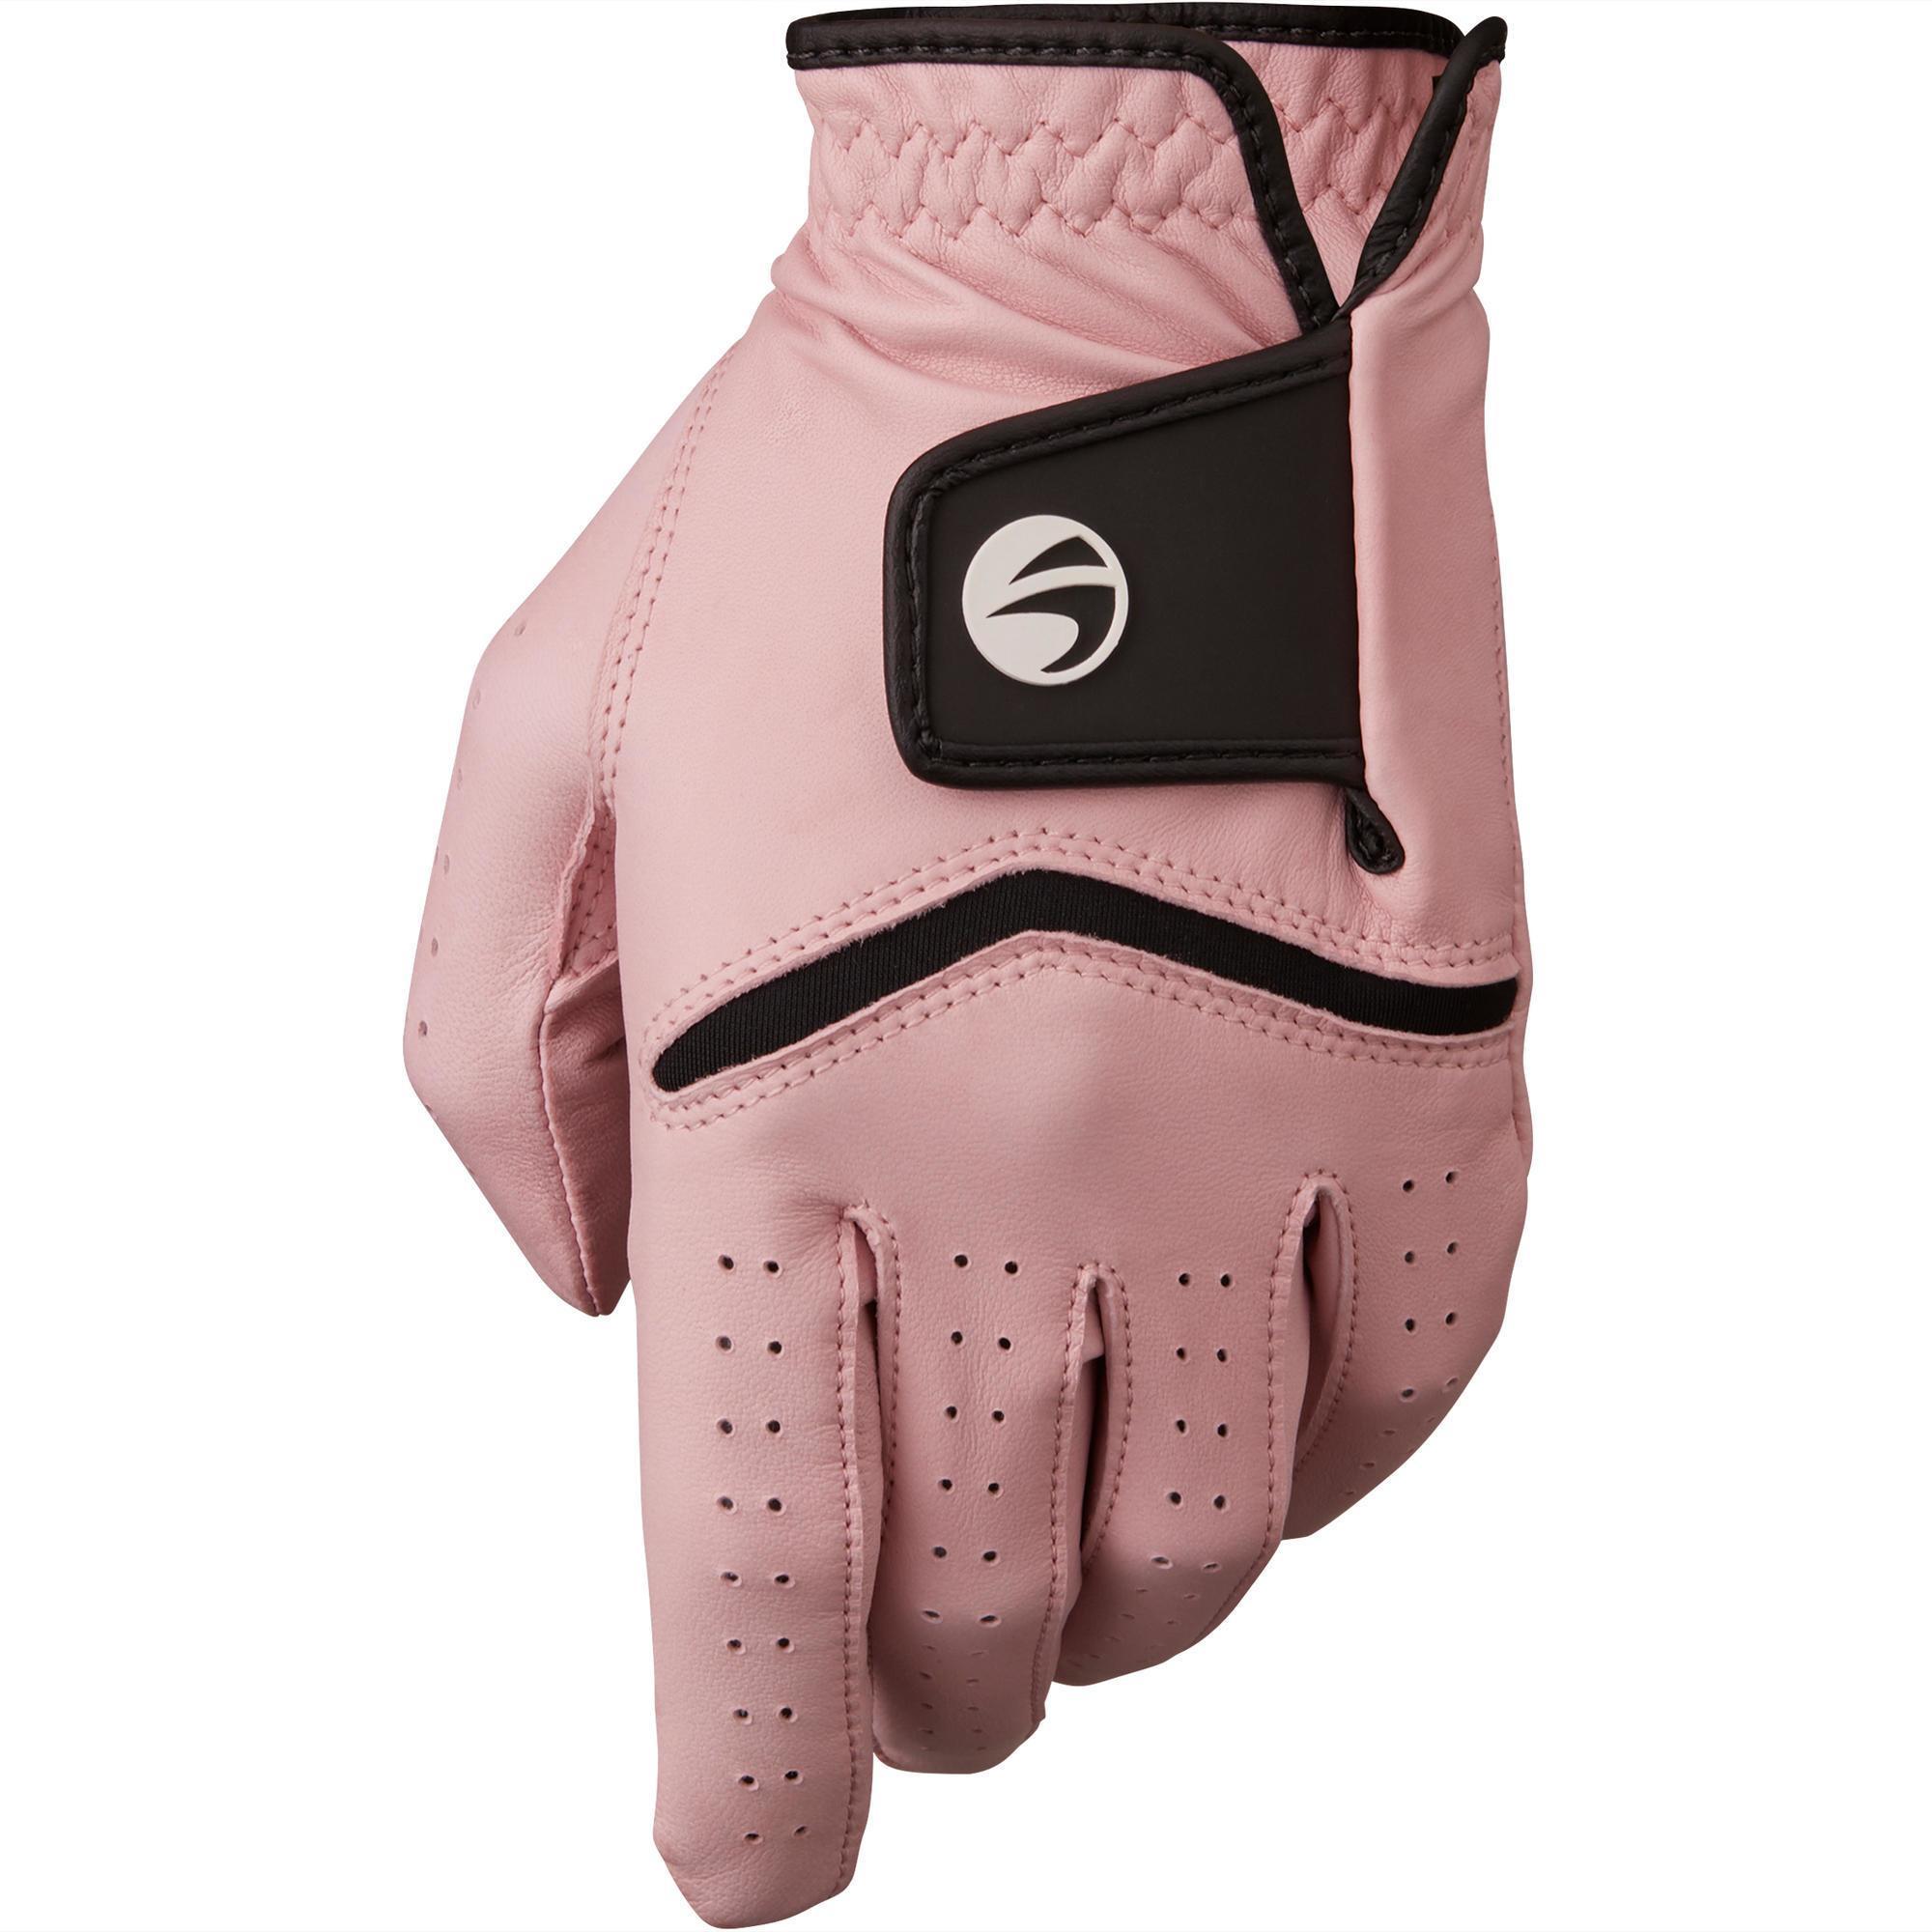 Golfhandschuh 500 Rechtshand Damen rosa   Accessoires > Handschuhe   Inesis